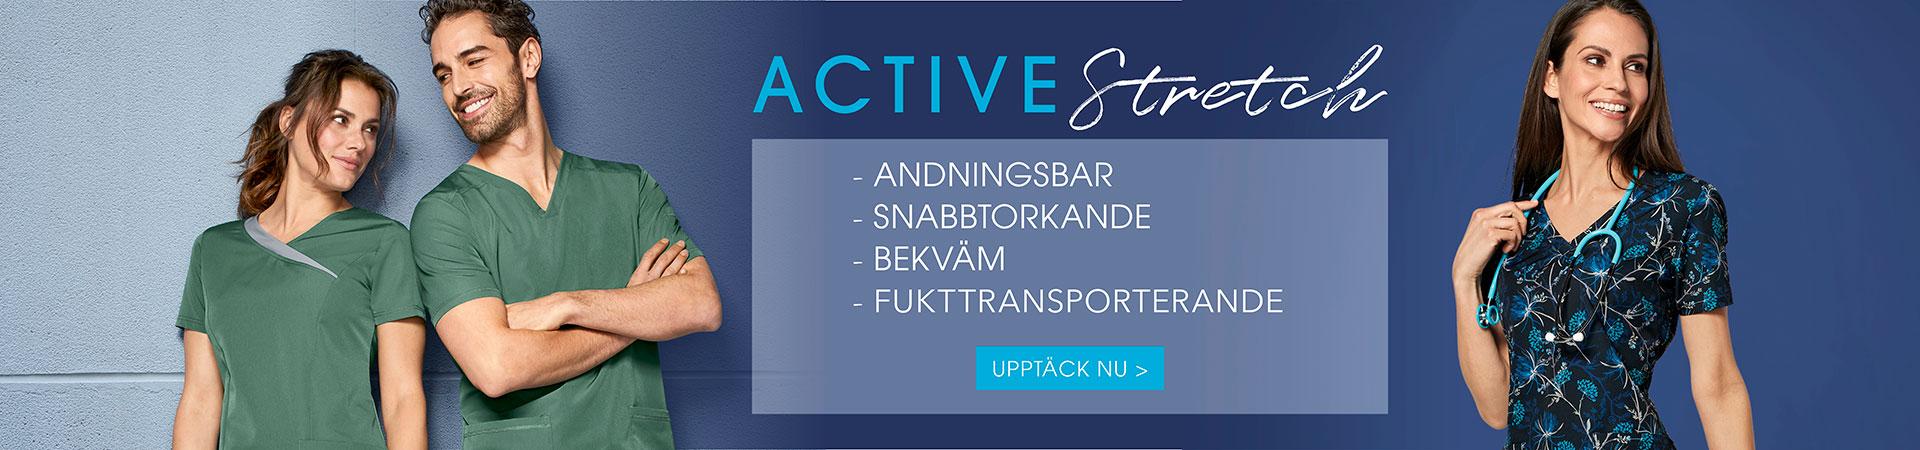 Arbetskläder Active Stretch - Teamkläder 7days